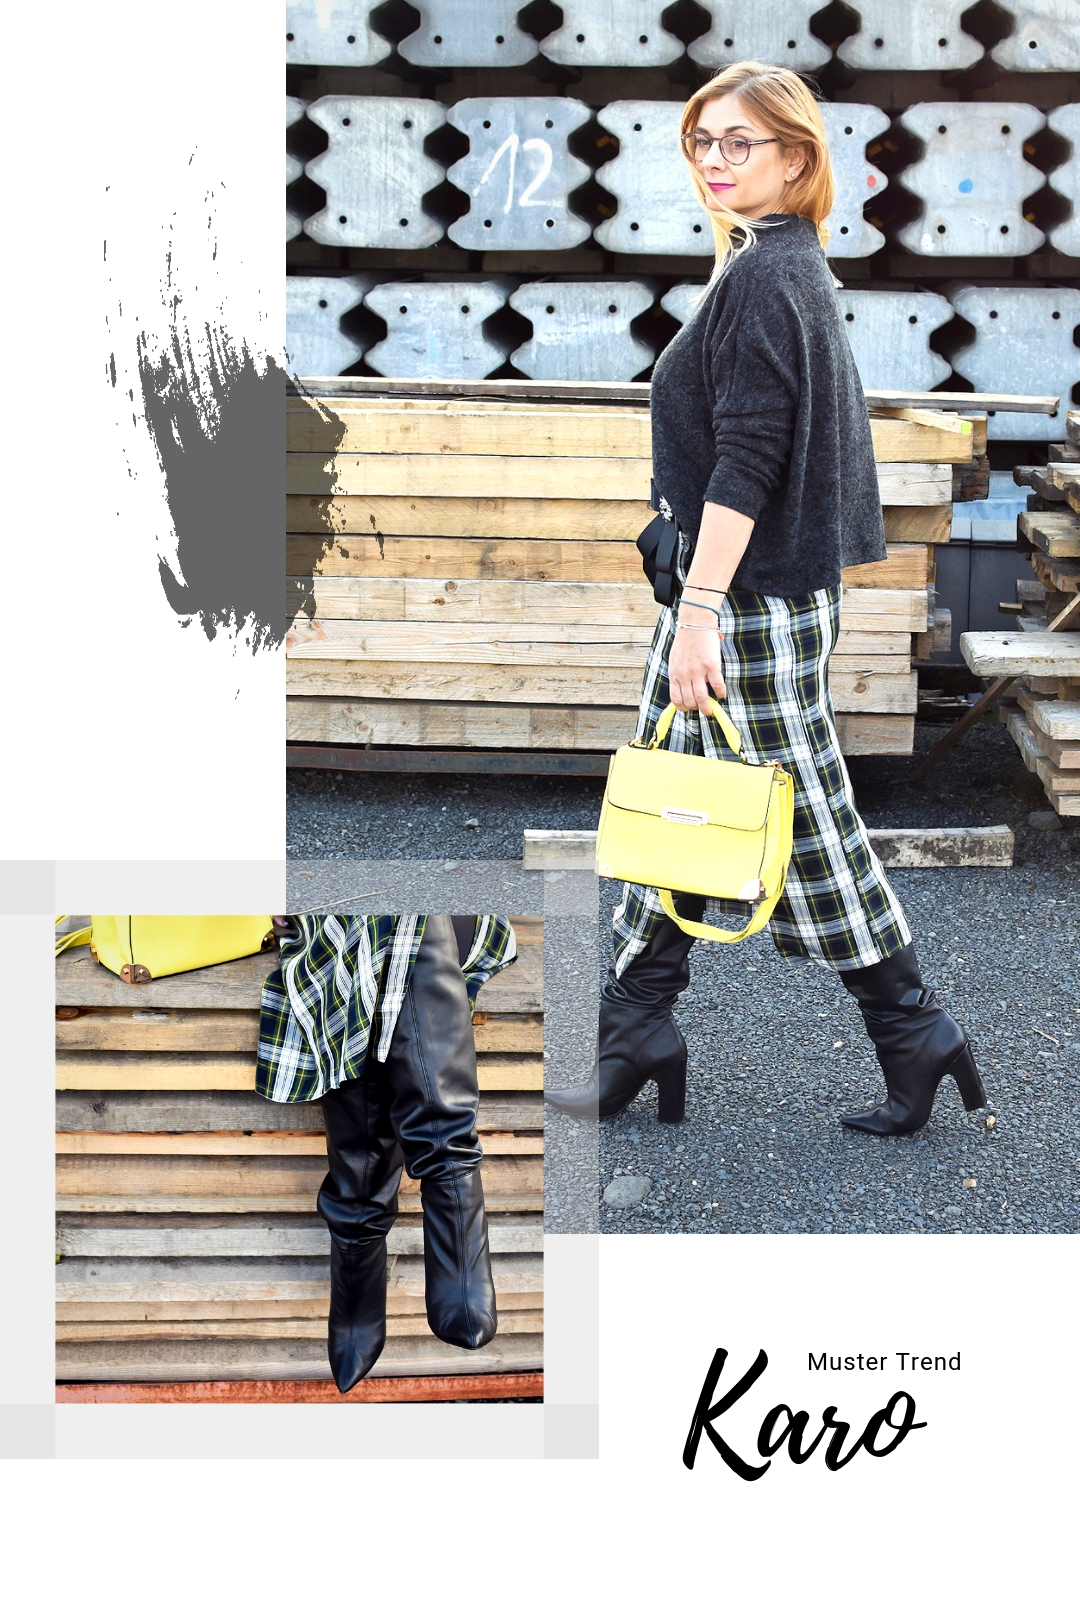 schwarze, weite Schaftstiefel, gelbe Tasche